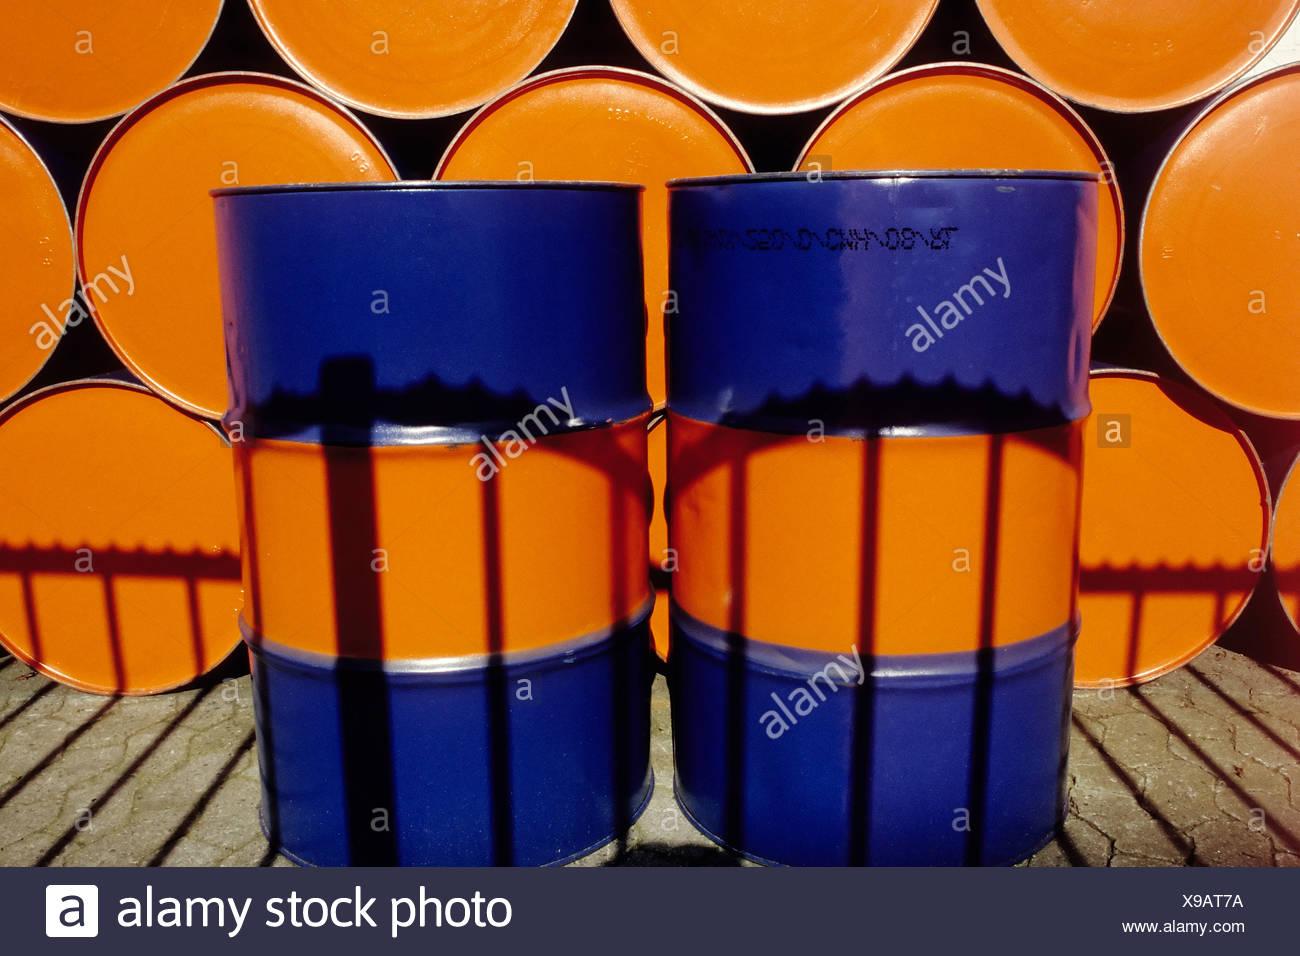 Deux barils d'huile vertical peint deux couleurs debout devant une rangée d'énormes tambours à huile Photo Stock